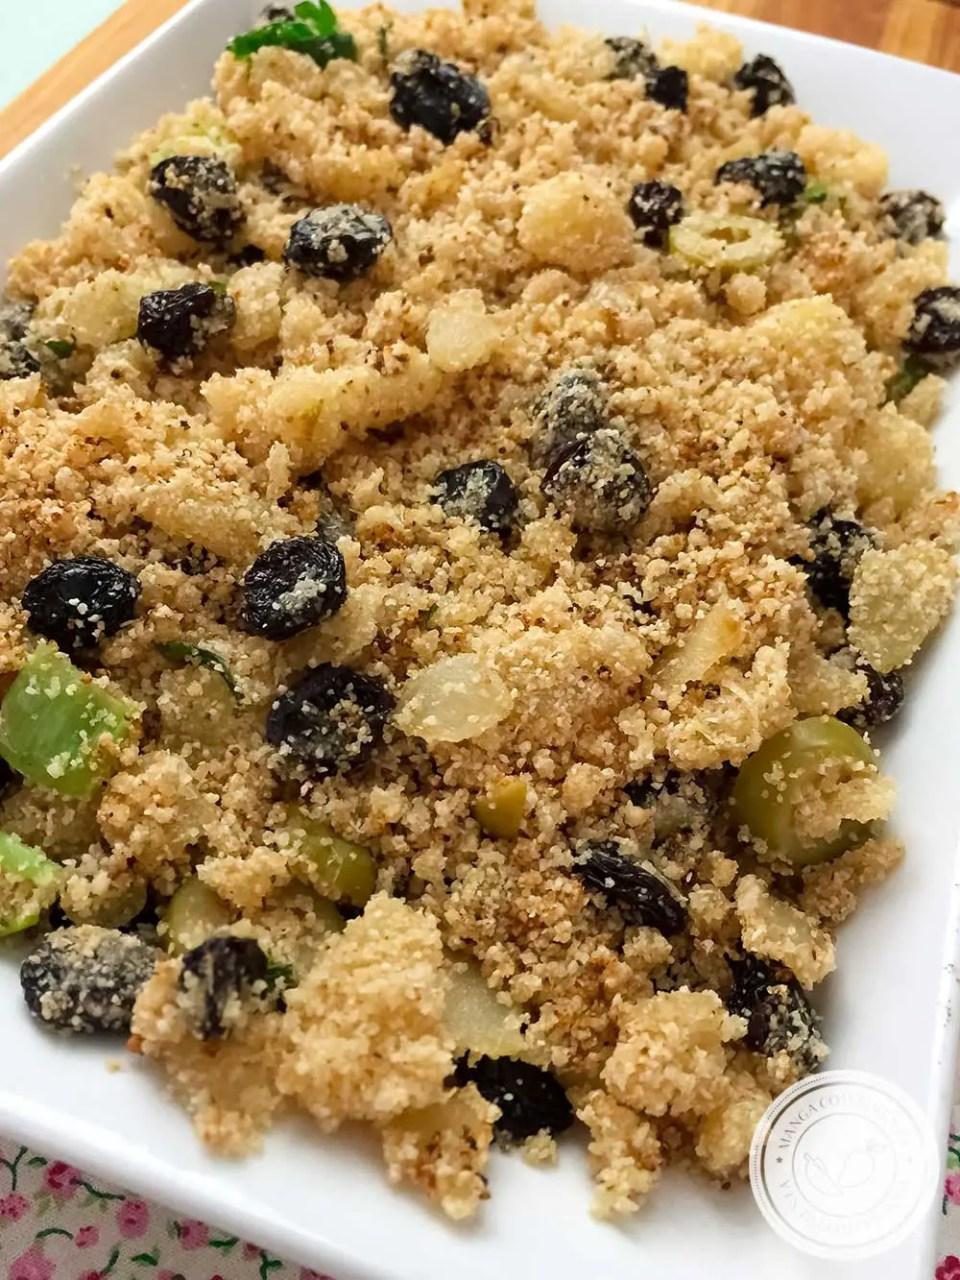 Receitas com Abacaxi - confira agora 20 pratos deliciosos para preparar na sua cozinha em qualquer momento!